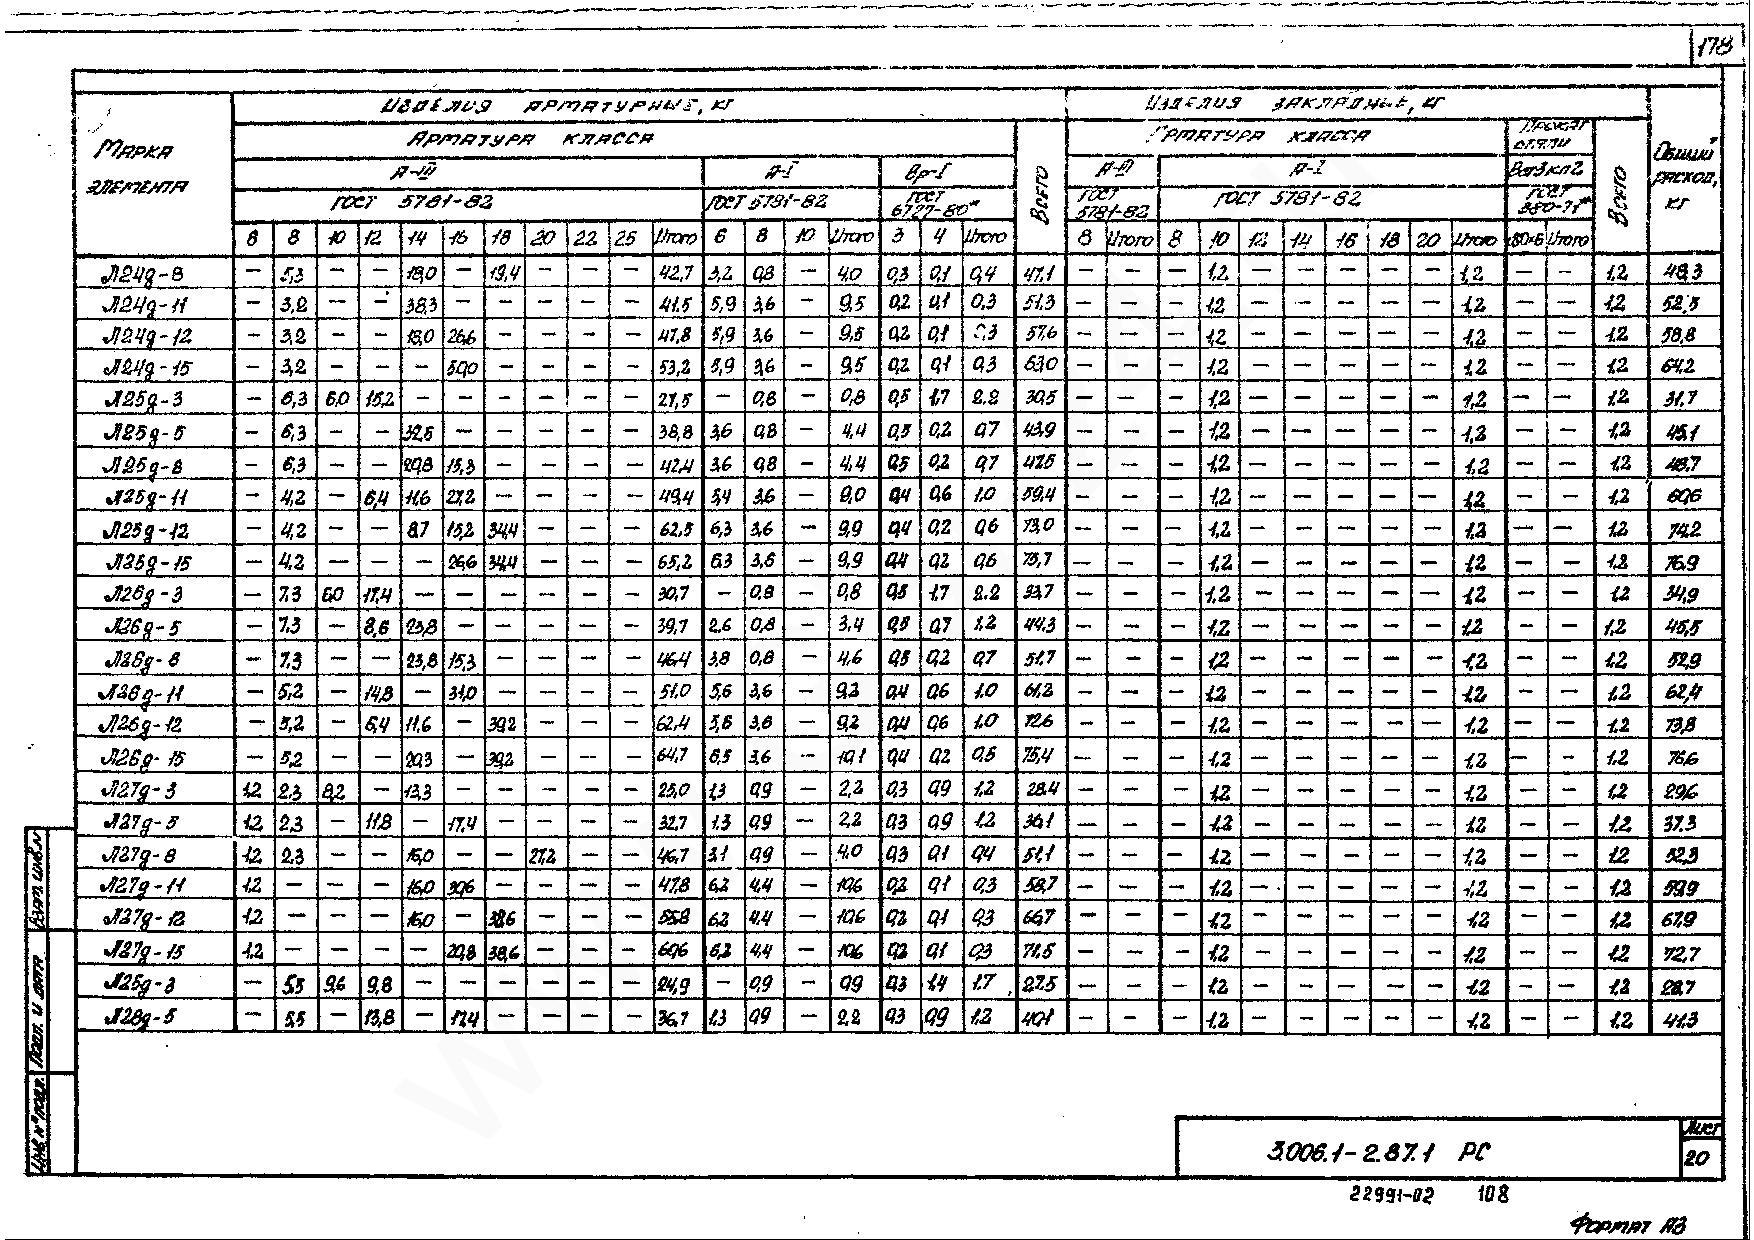 СЕРИЯ 3.006.1-2.87 ВЫПУСК 1 СКАЧАТЬ БЕСПЛАТНО